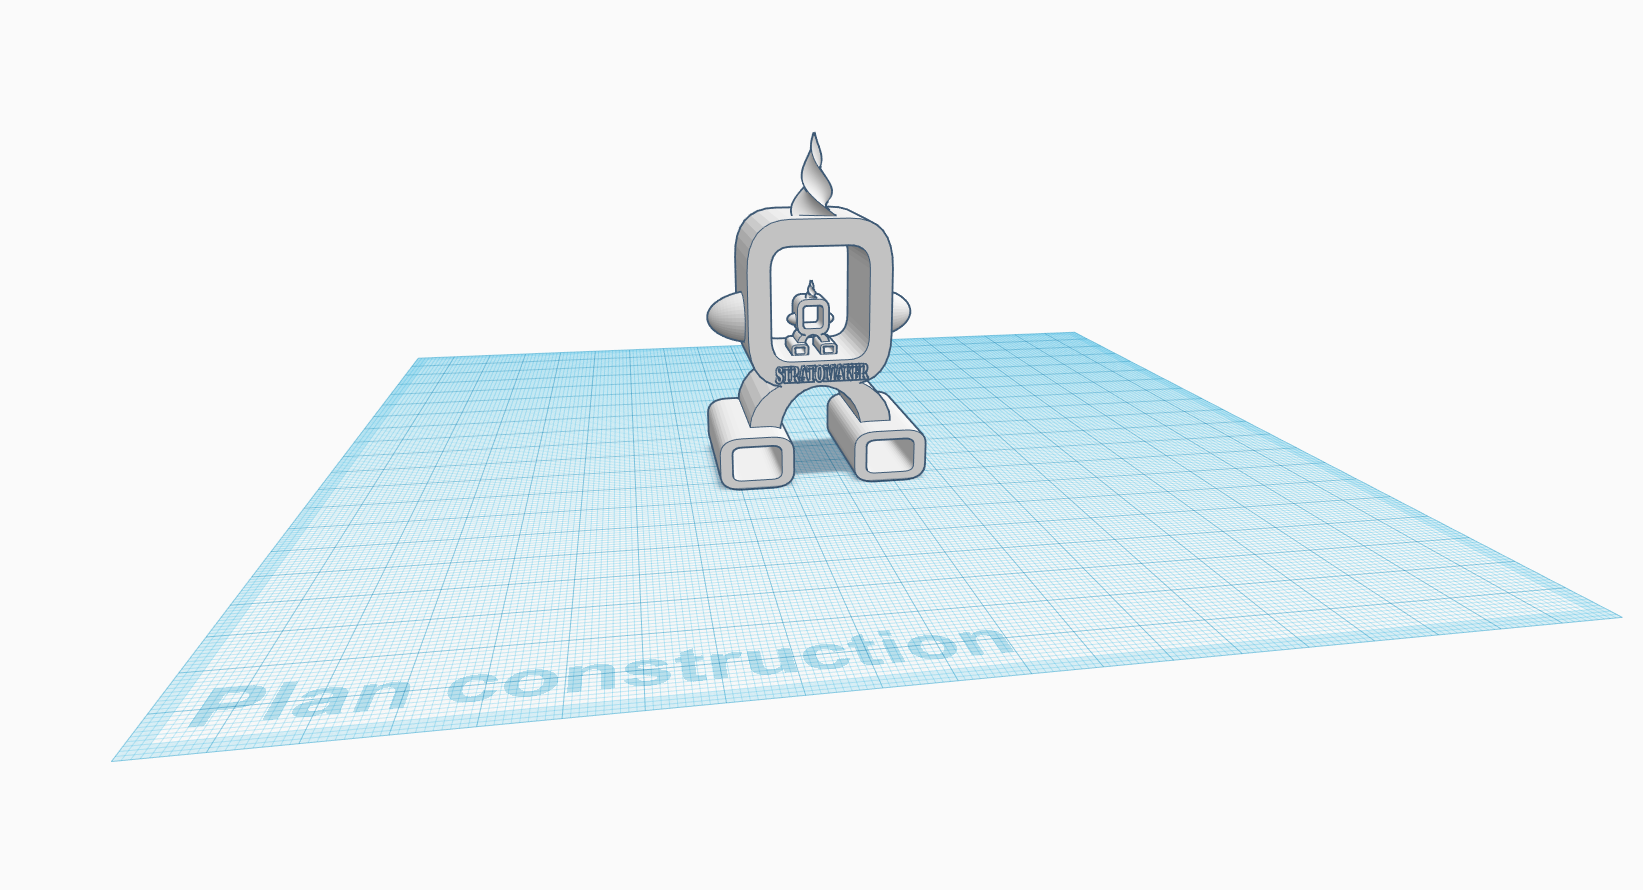 STRATOMAKER (1).png Download free STL file #STRATOMAKER • 3D print model, Philstrau